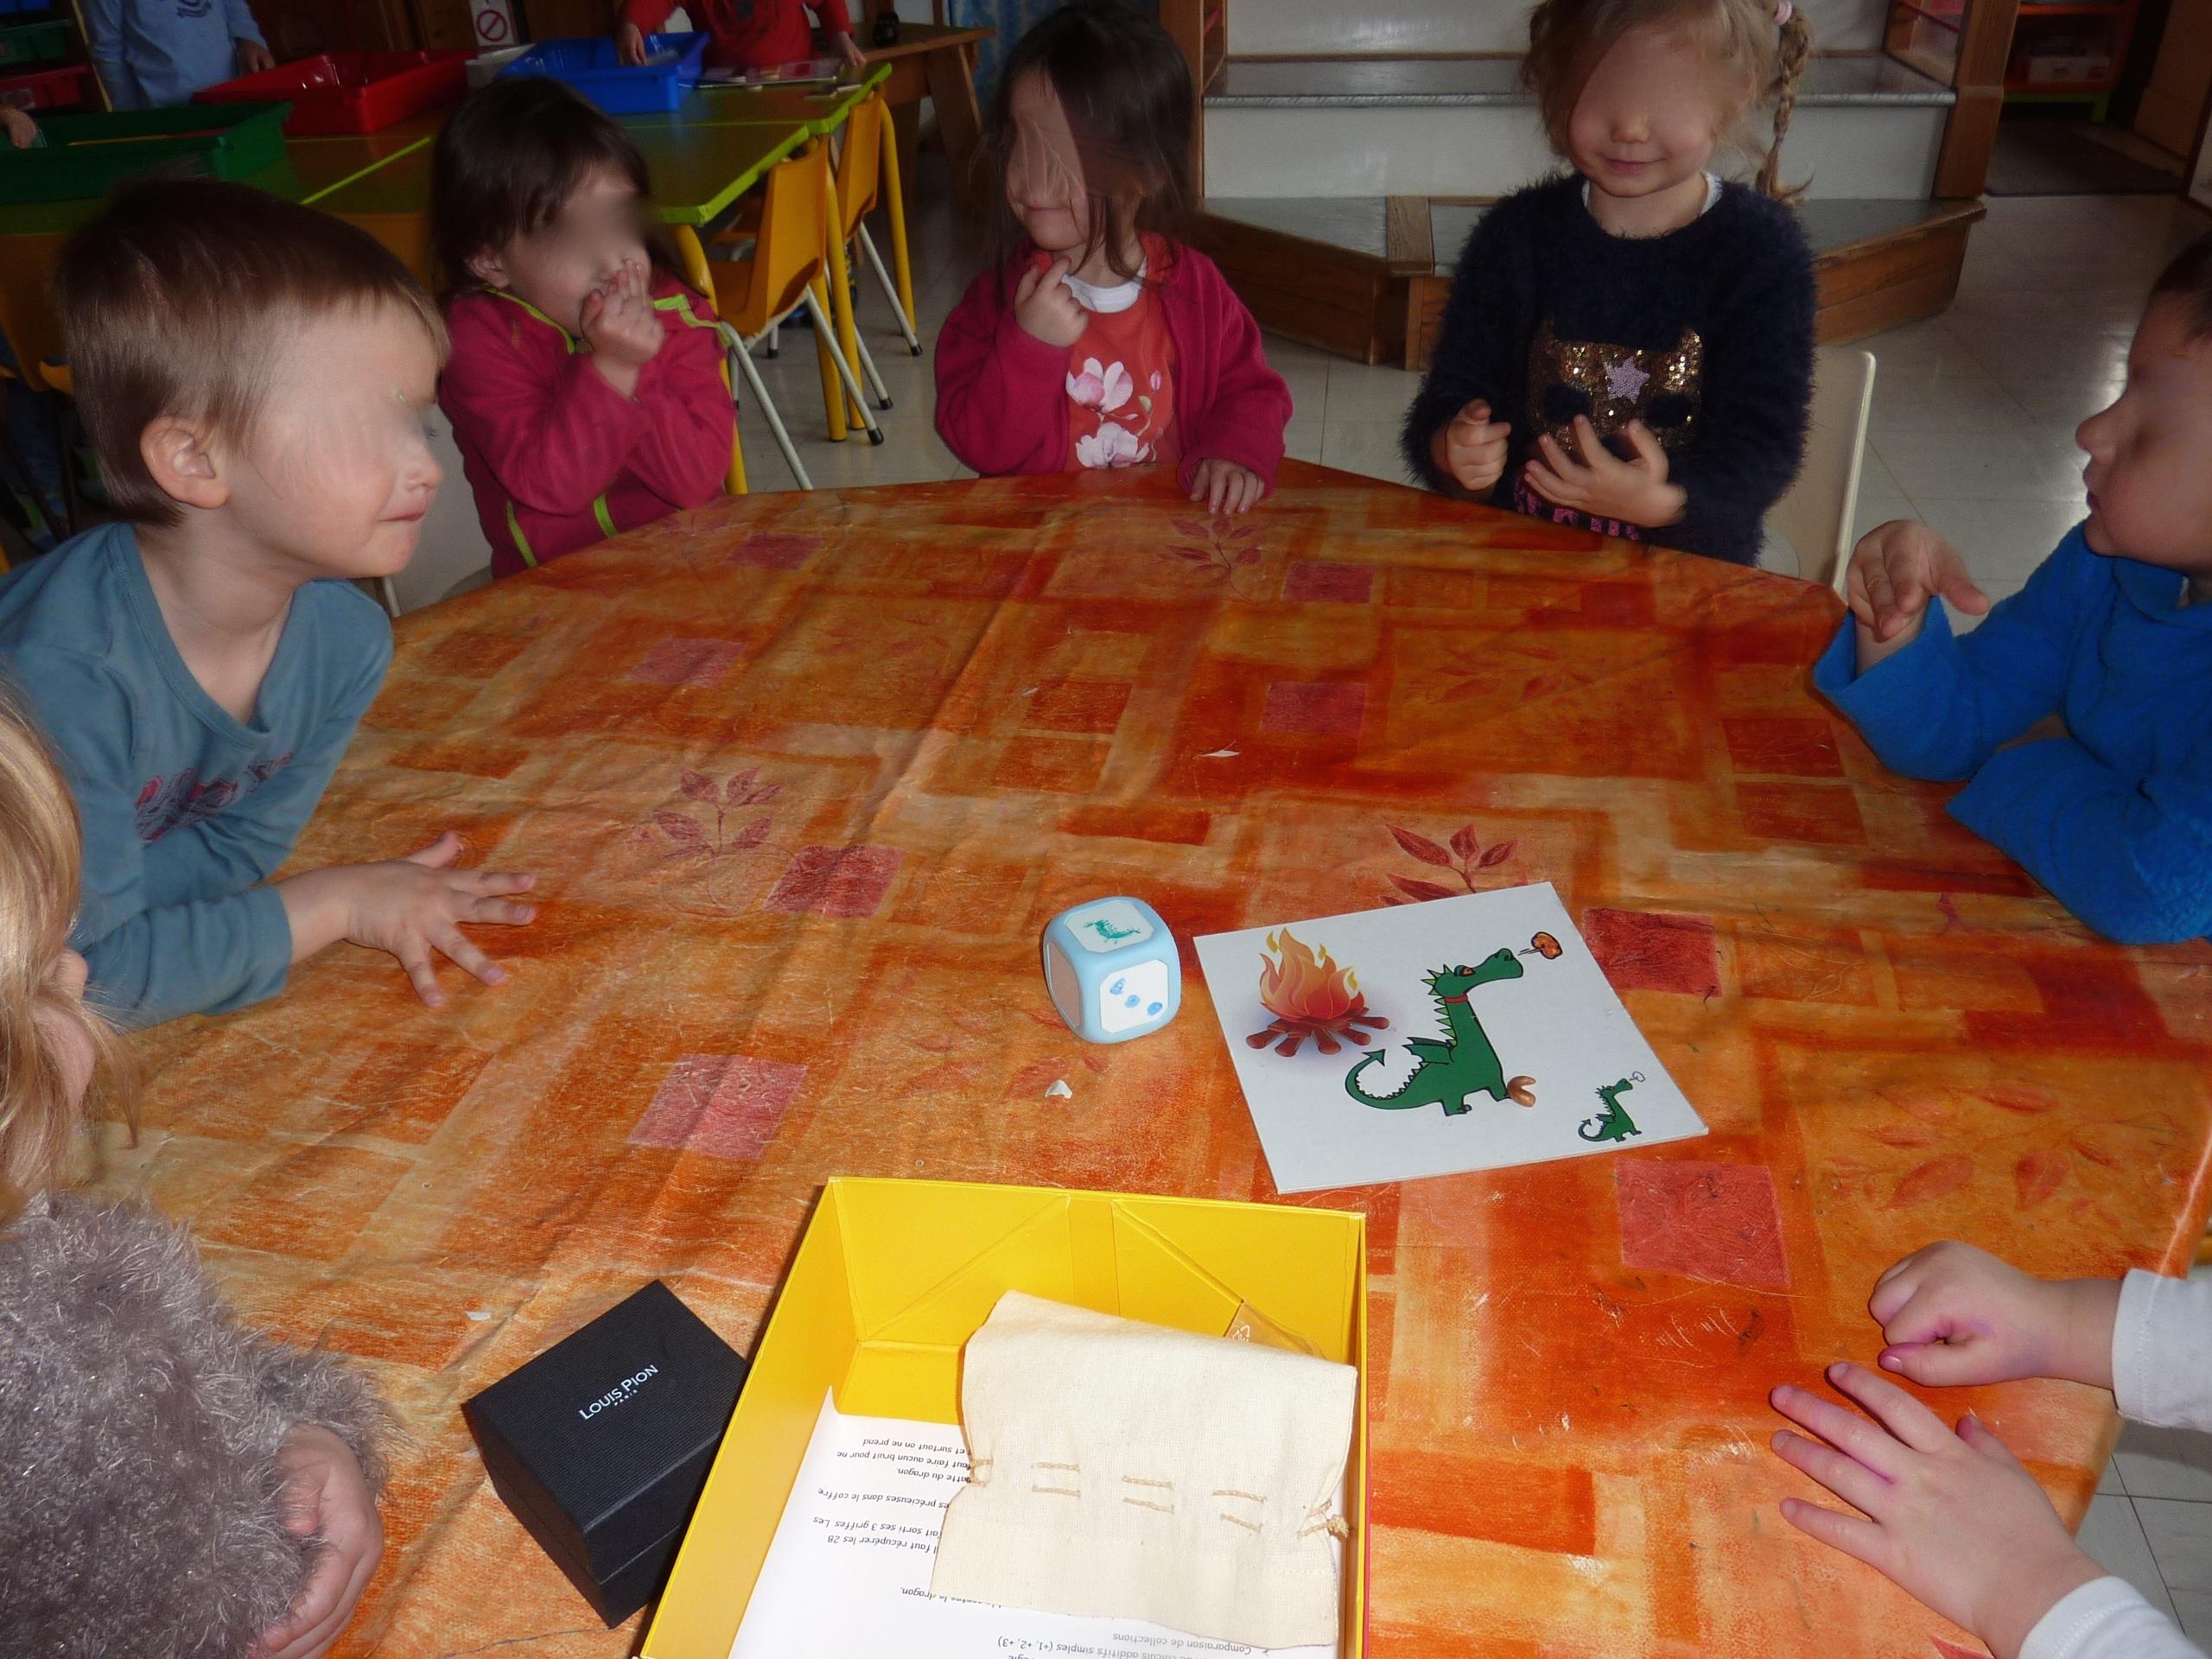 Un Jeu Coopératif En Petite Section : Le Jeu Du Dragon à Petit Jeu Maternelle